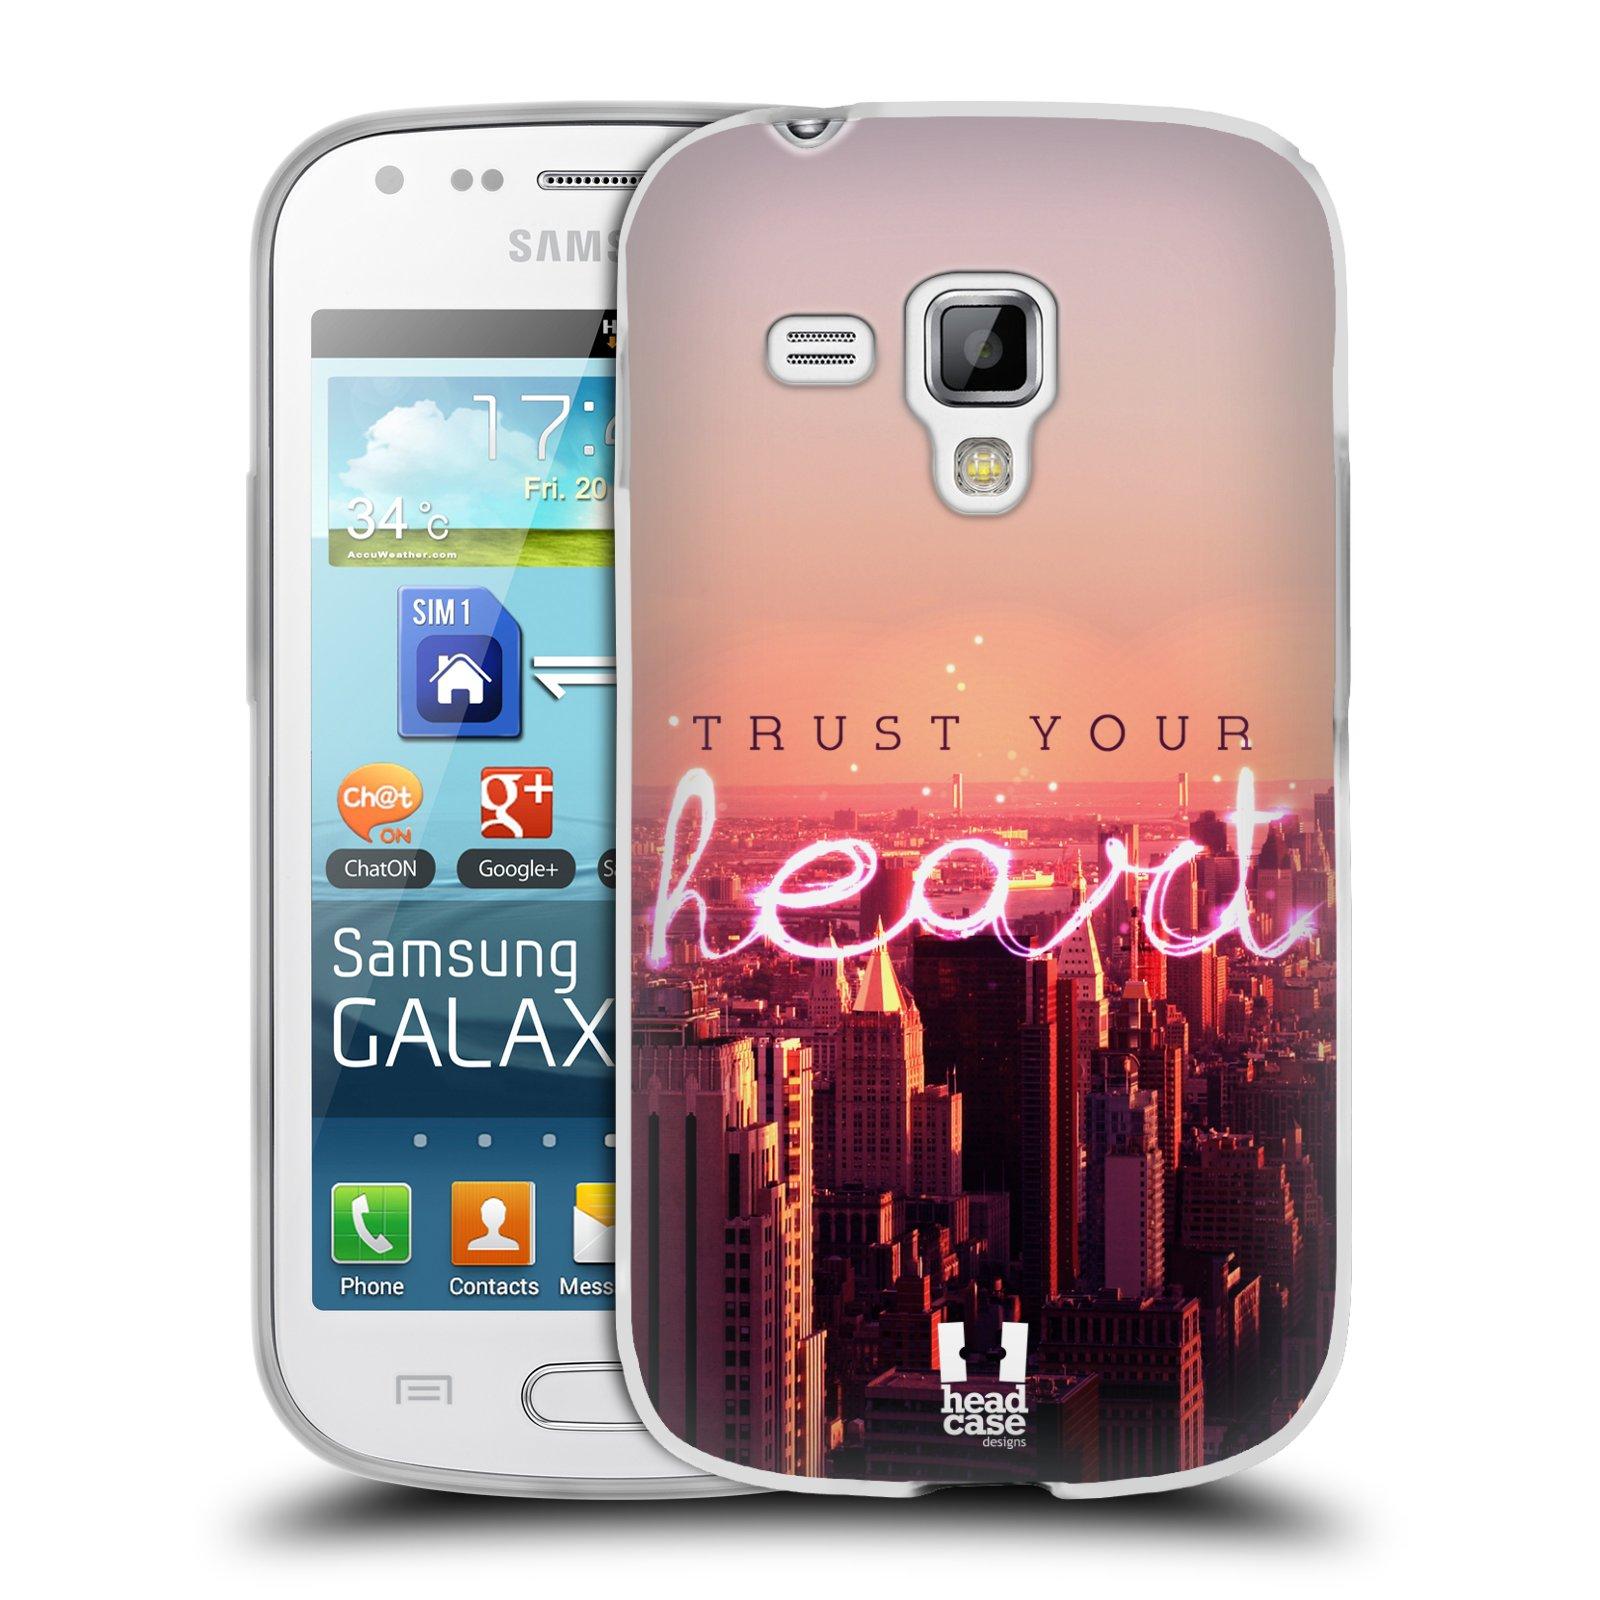 Silikonové pouzdro na mobil Samsung Galaxy Trend HEAD CASE TRUST YOUR HEART (Silikonový kryt či obal na mobilní telefon Samsung Galaxy Trend GT-S7560)